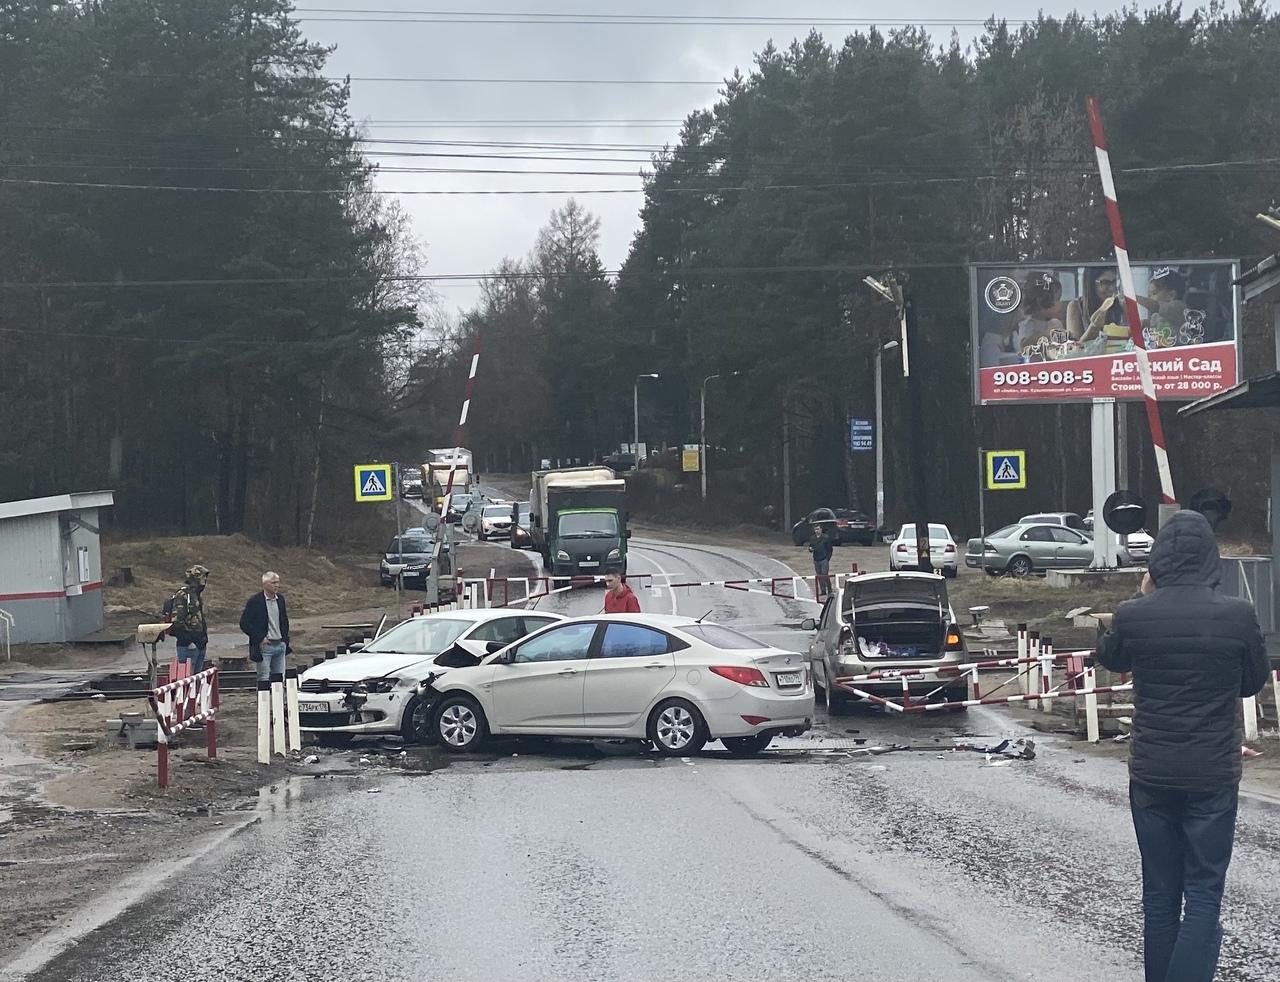 ДТП на ж/д переезде в поселке Кузьмоловский. Проезд судя по всему будет перекрыт.